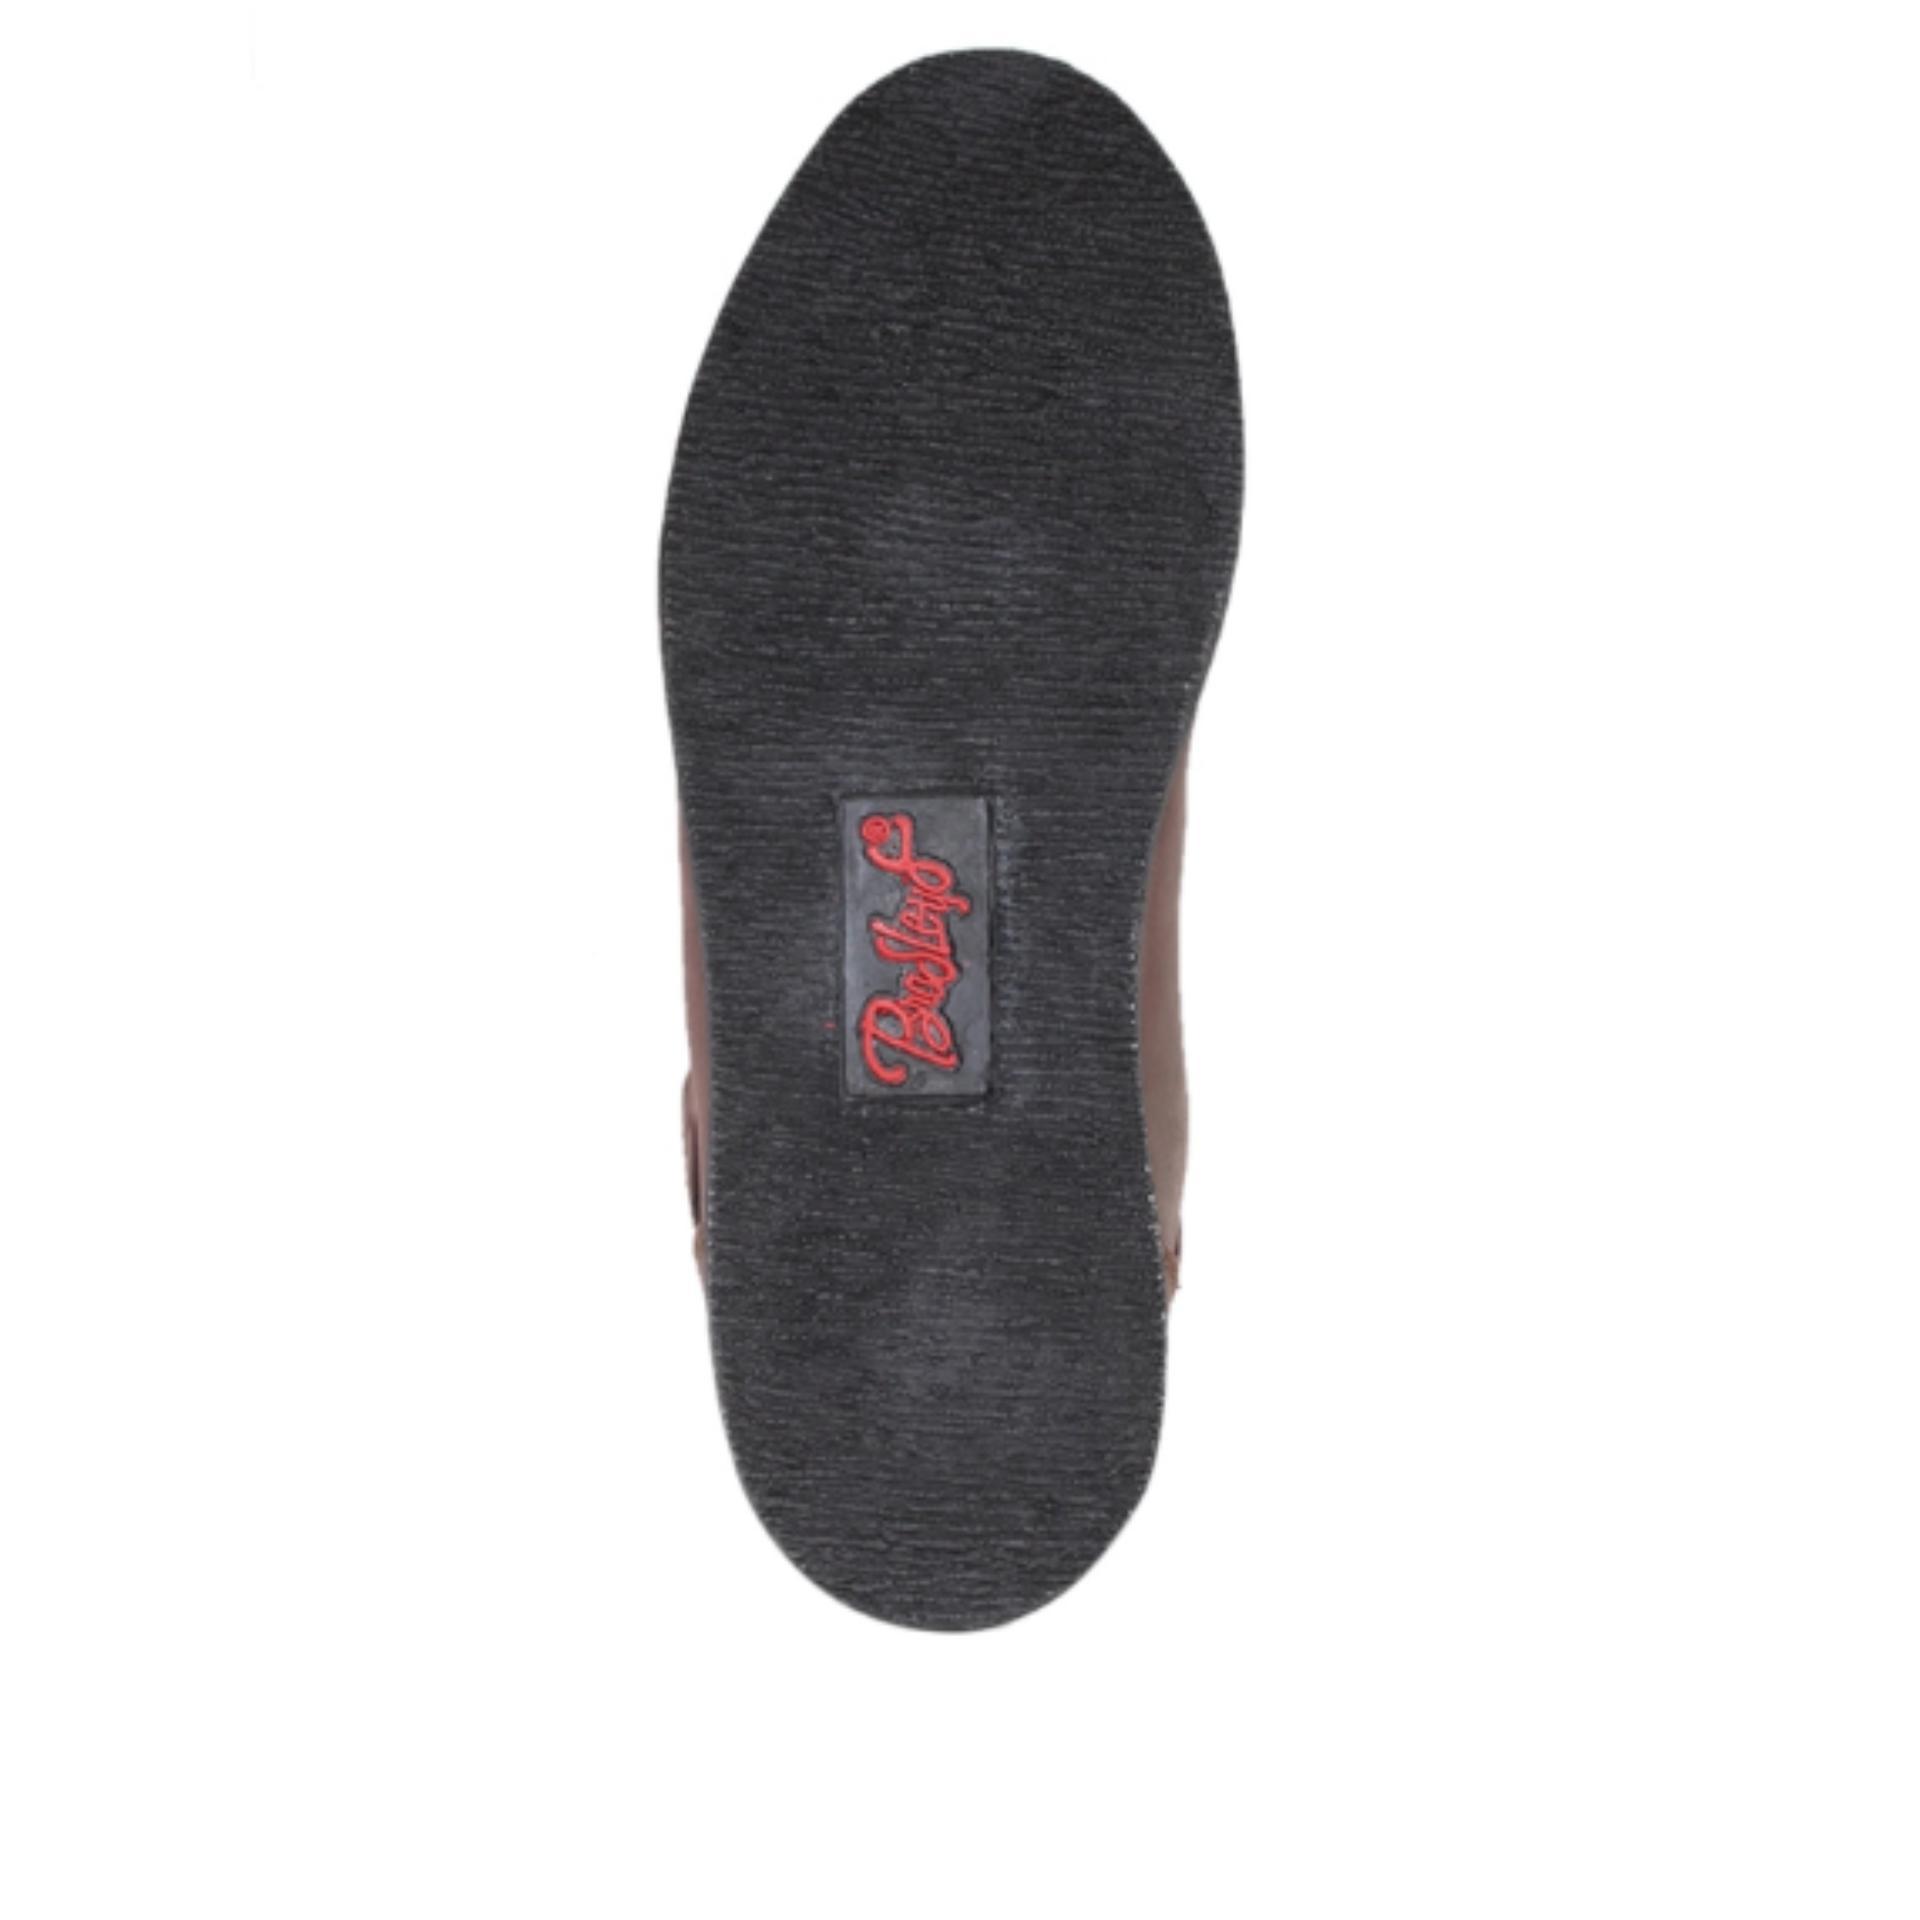 Brodo Sepatu Boots Kulit Pria Dan Wanita Bradleys Brodo EruditeKulit Asli -  Coklat ... 1602b2b9ff